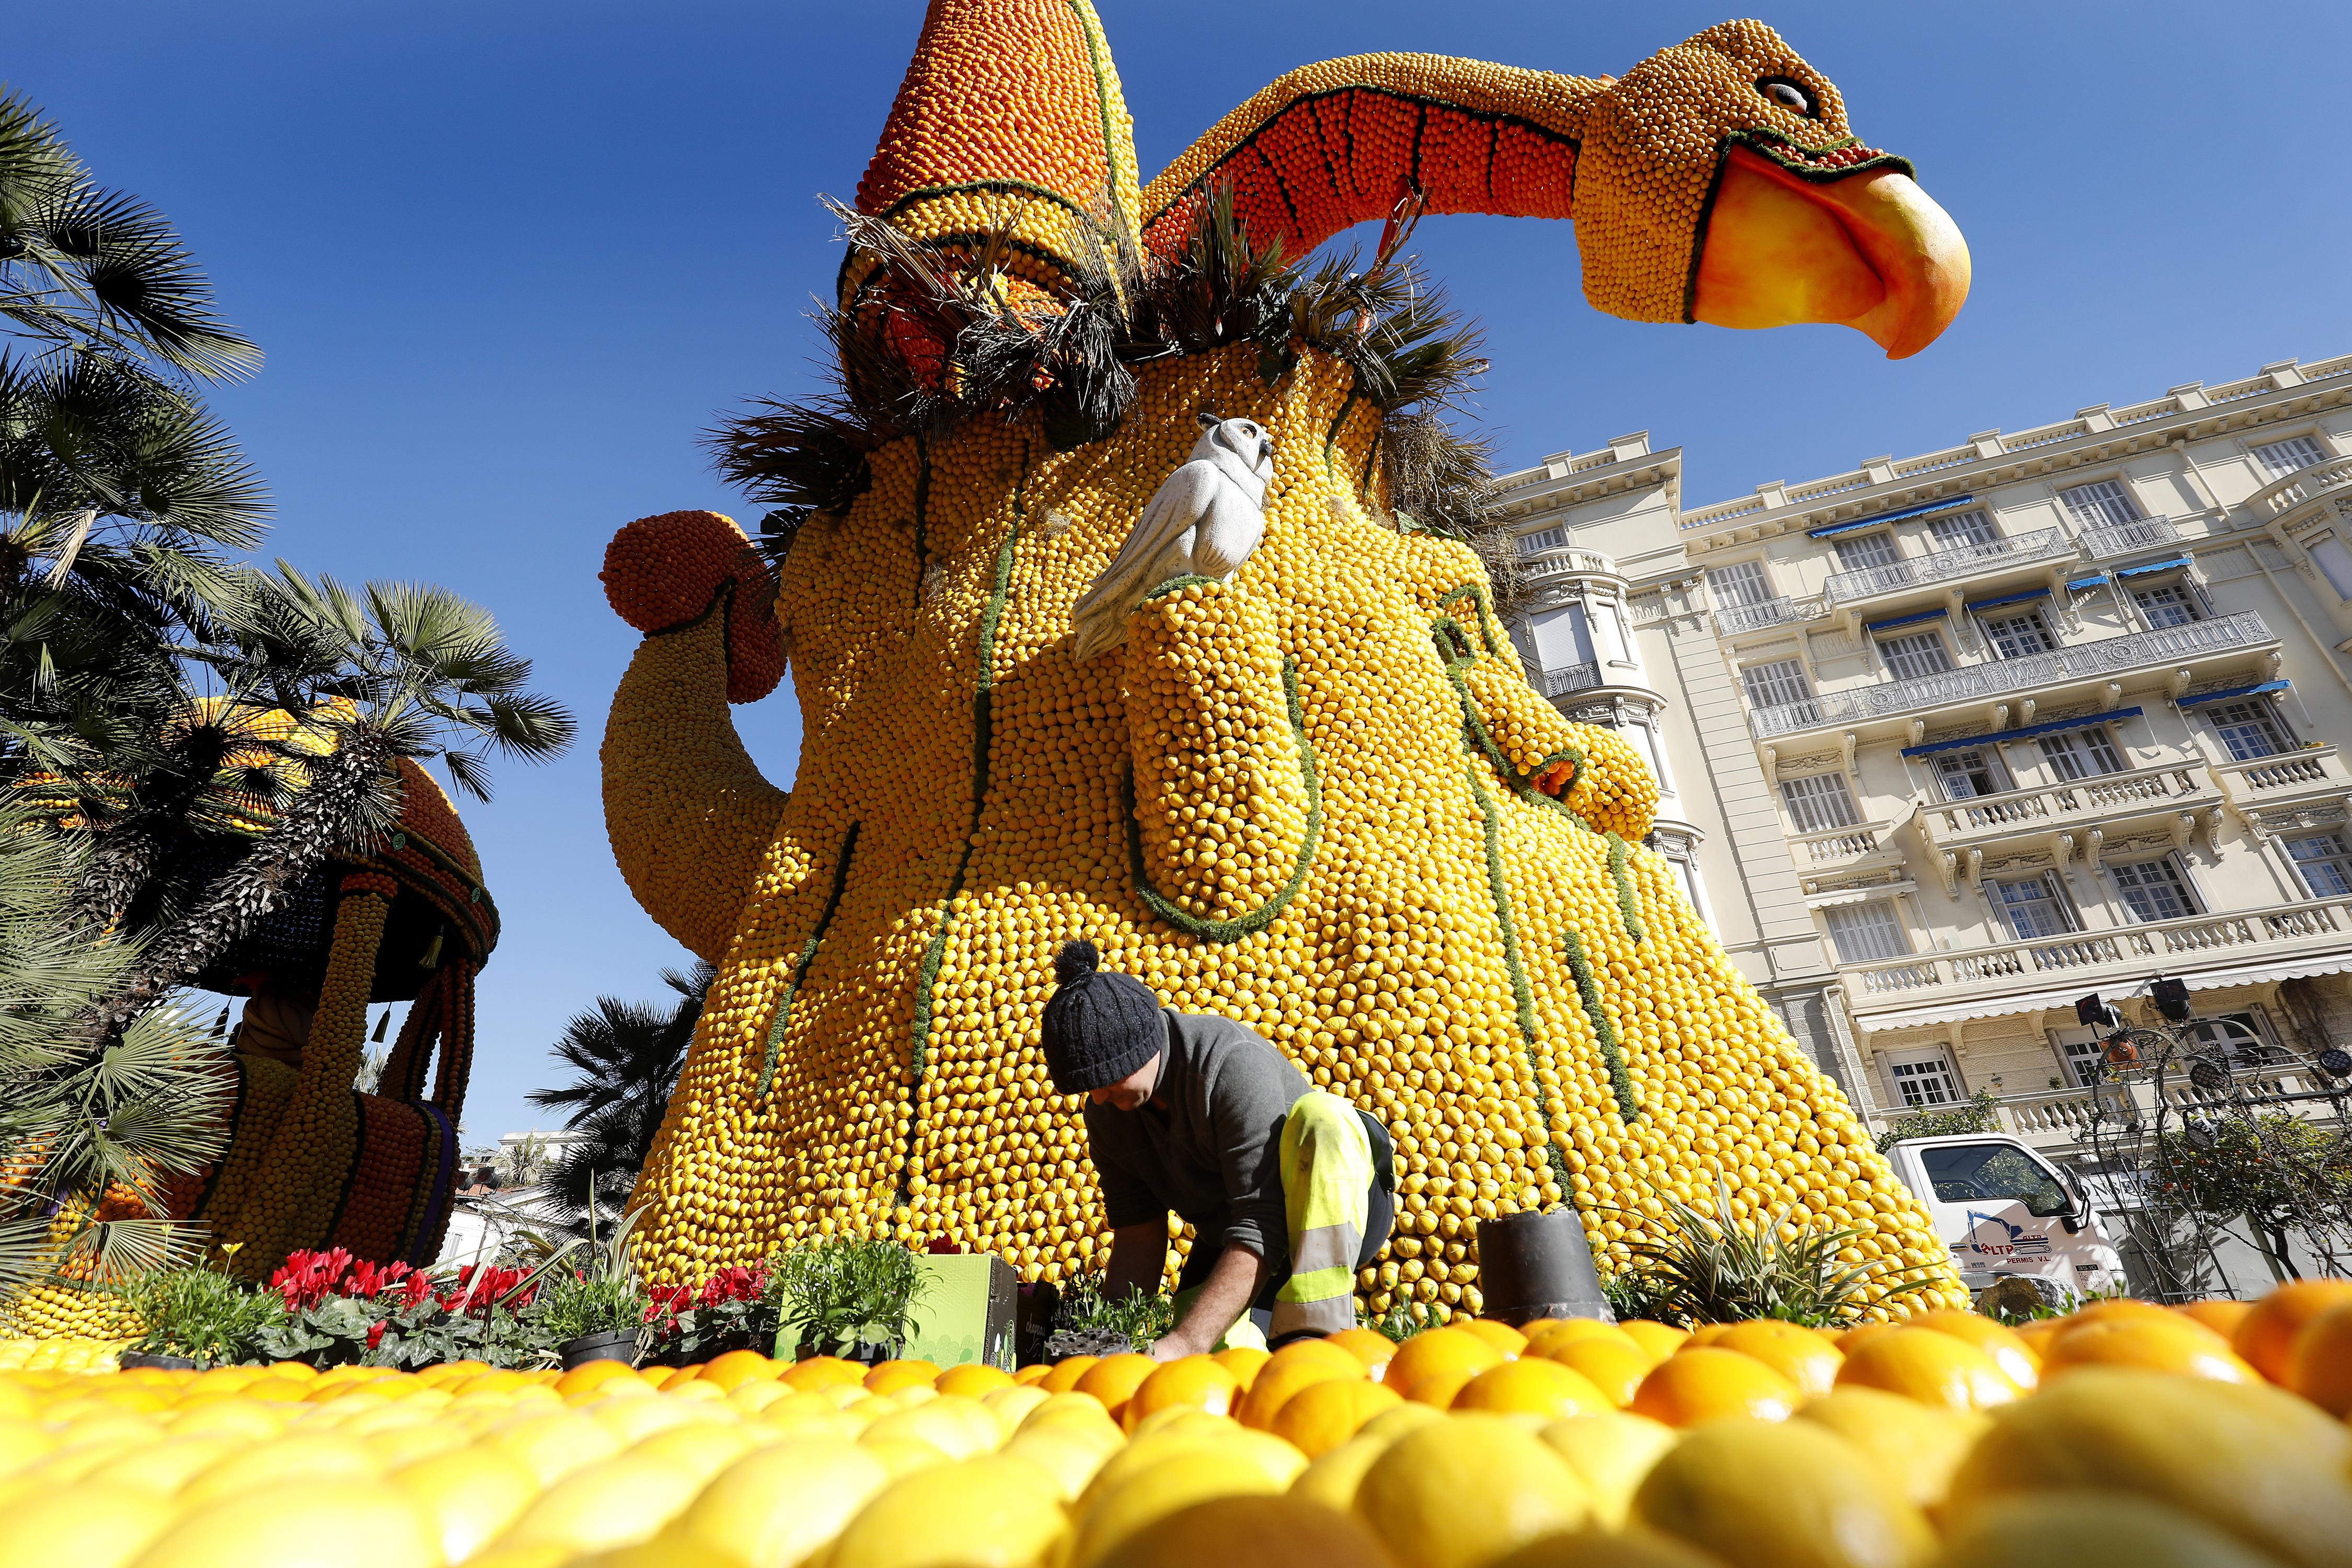 Програмата на Фестивала включва изработване на гигантски статуи от портокали и лимони, шествия с маскирани малчугани, танци, музикални изпълнения и още много други прояви